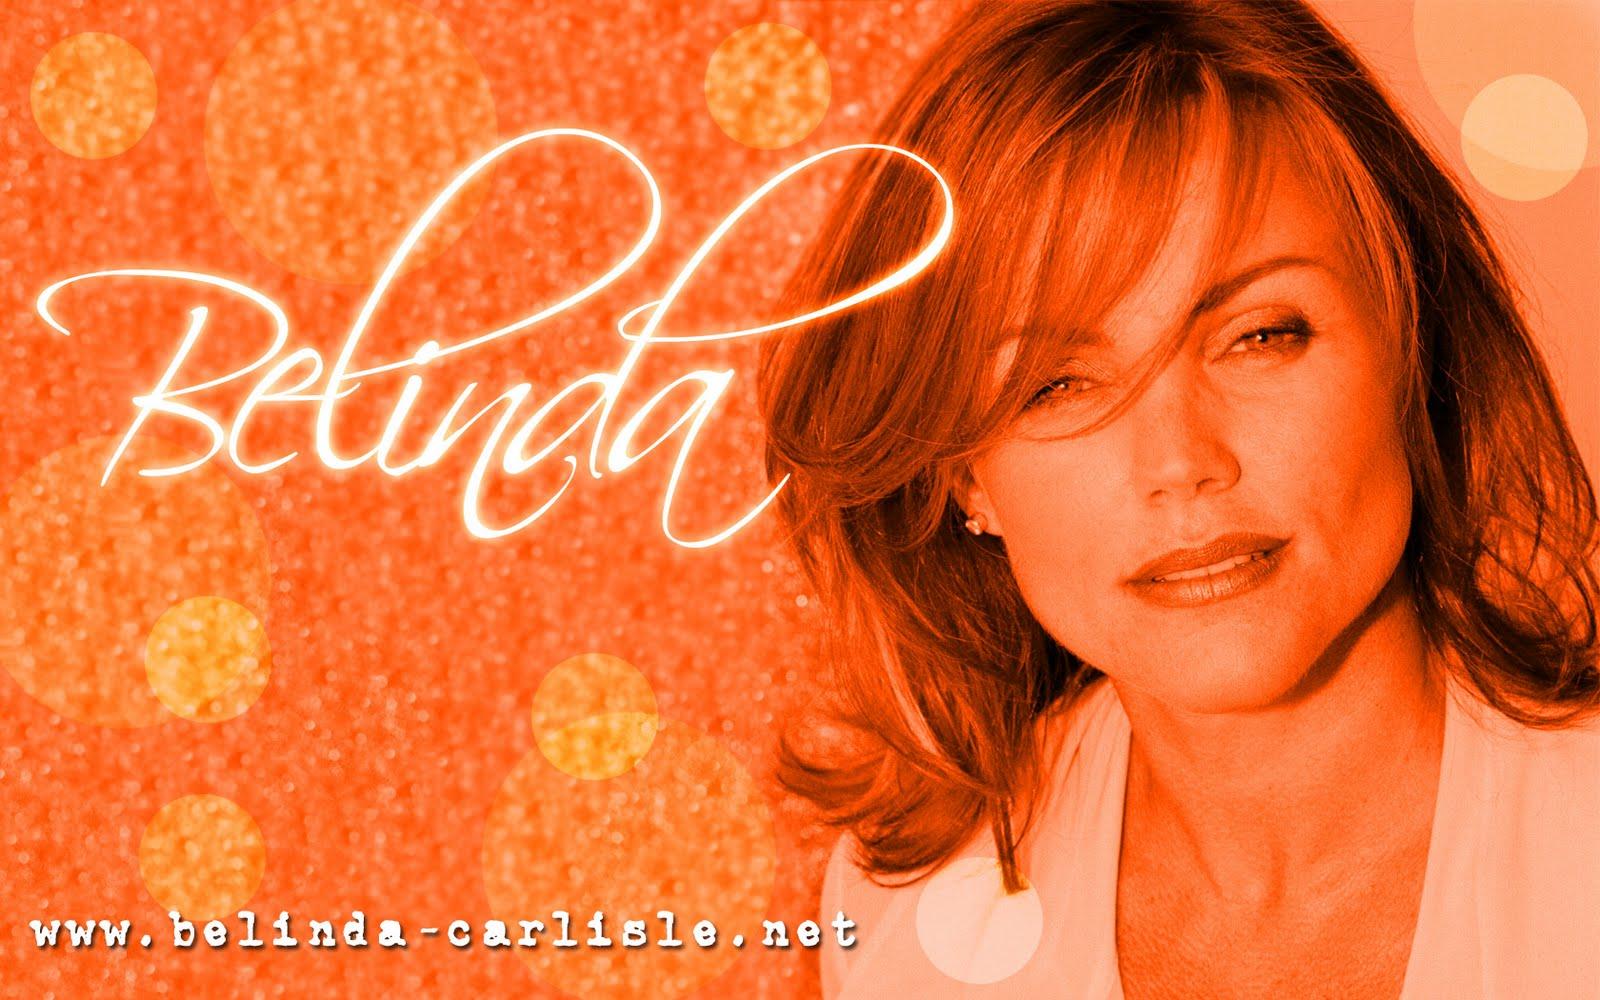 Belinda Carlisle Belinda Carlisle Wallpaper 24852105